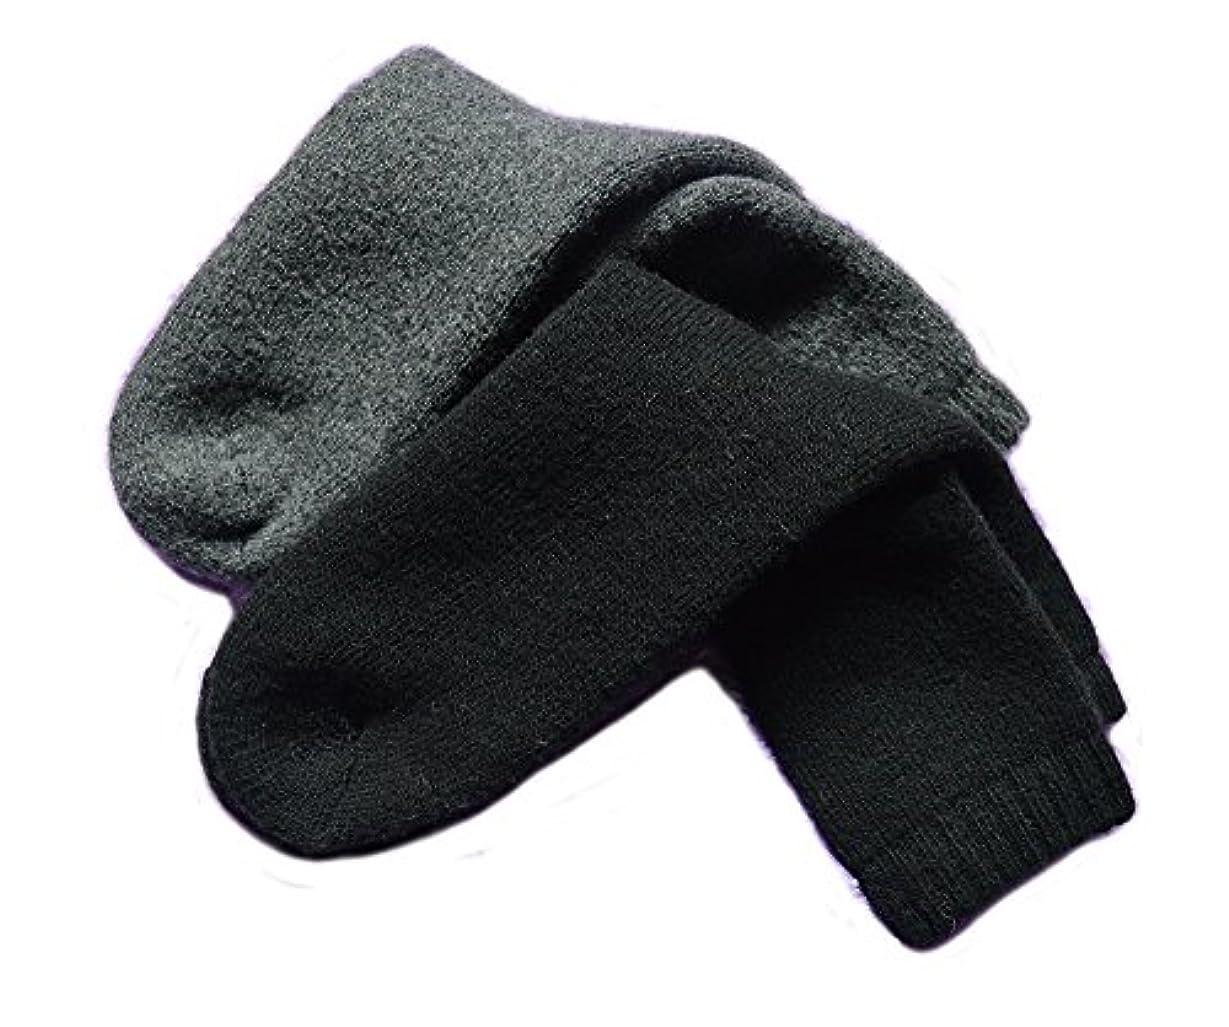 ライバル傾向があります機動CouMer ウールソックス 靴下 極厚 極暖 裏起毛 2足セット